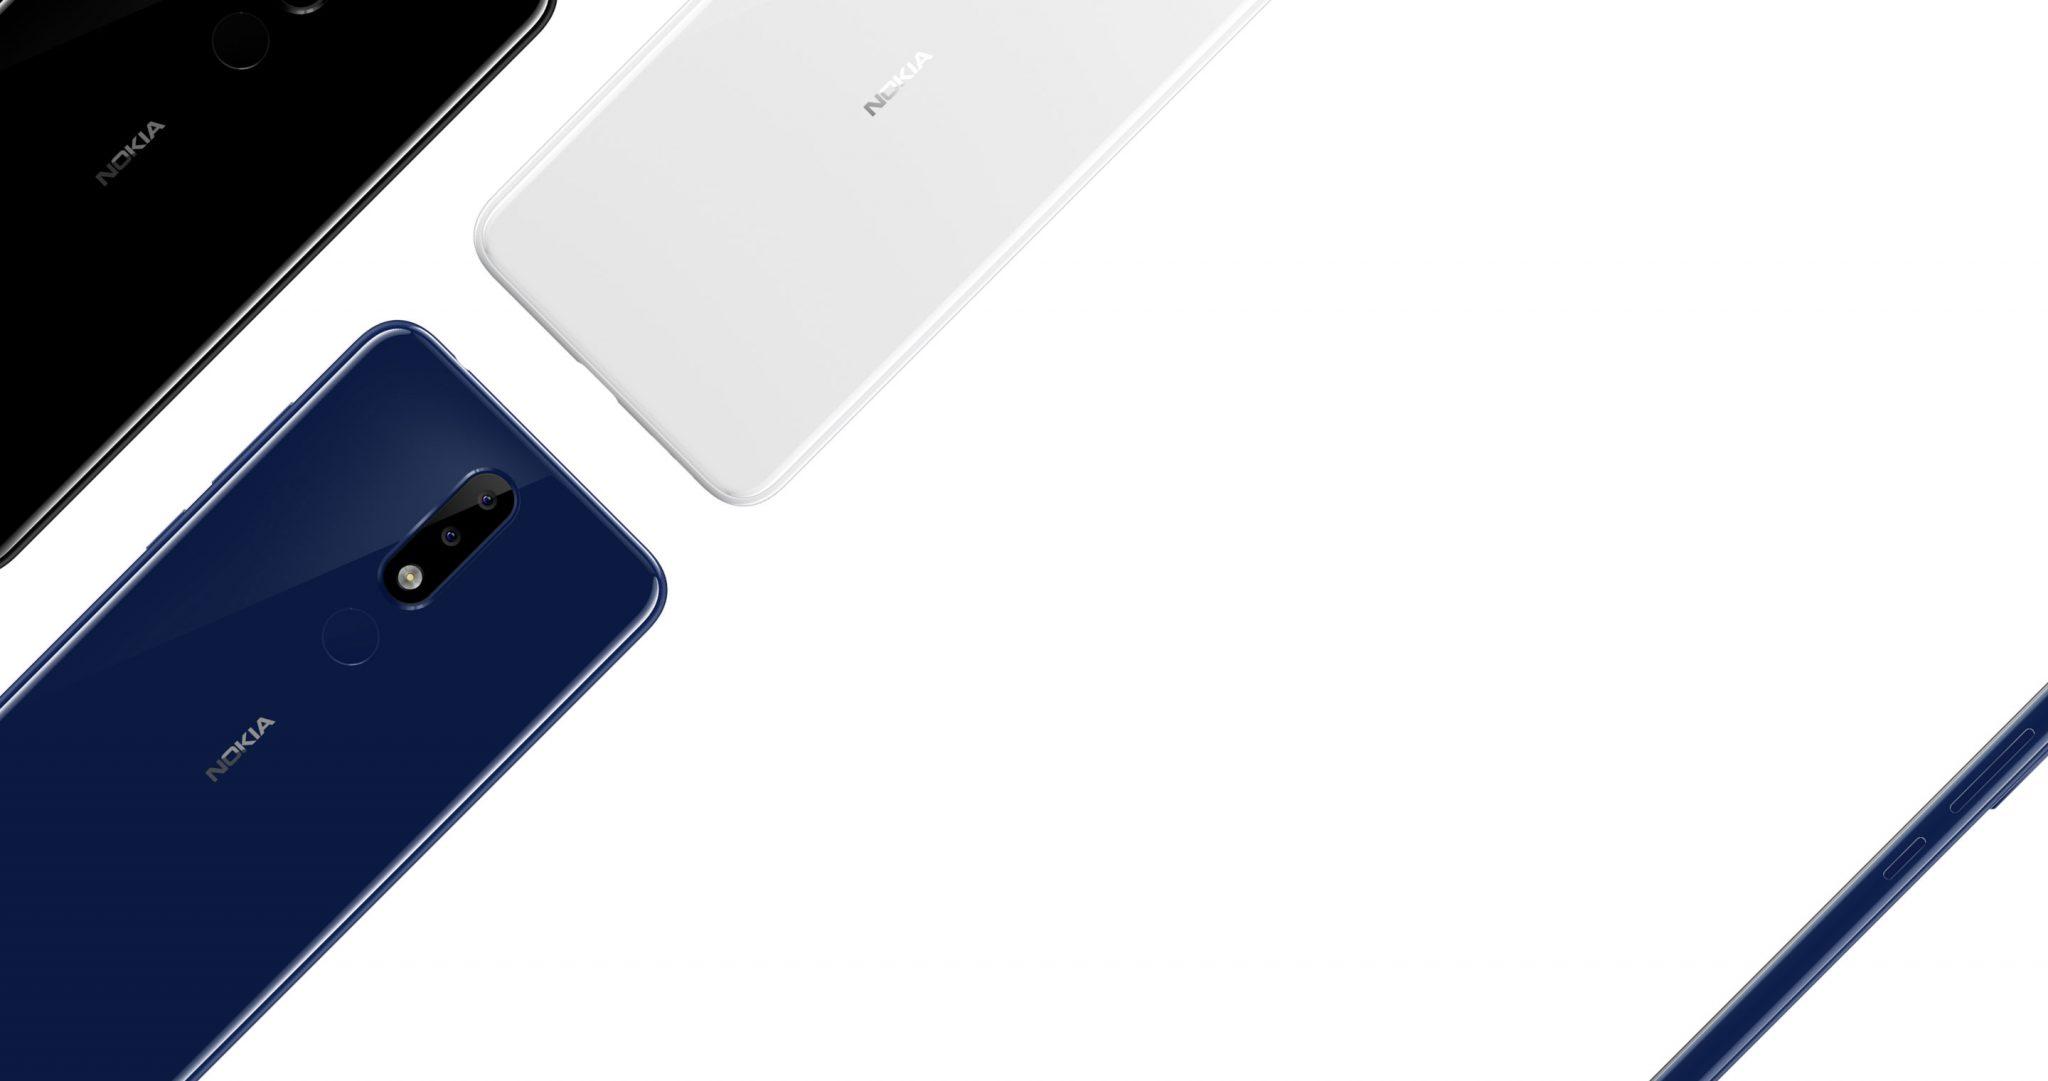 جوال Nokia X5 المميز بتصميم حذاب ومواصفات رائعة جداً